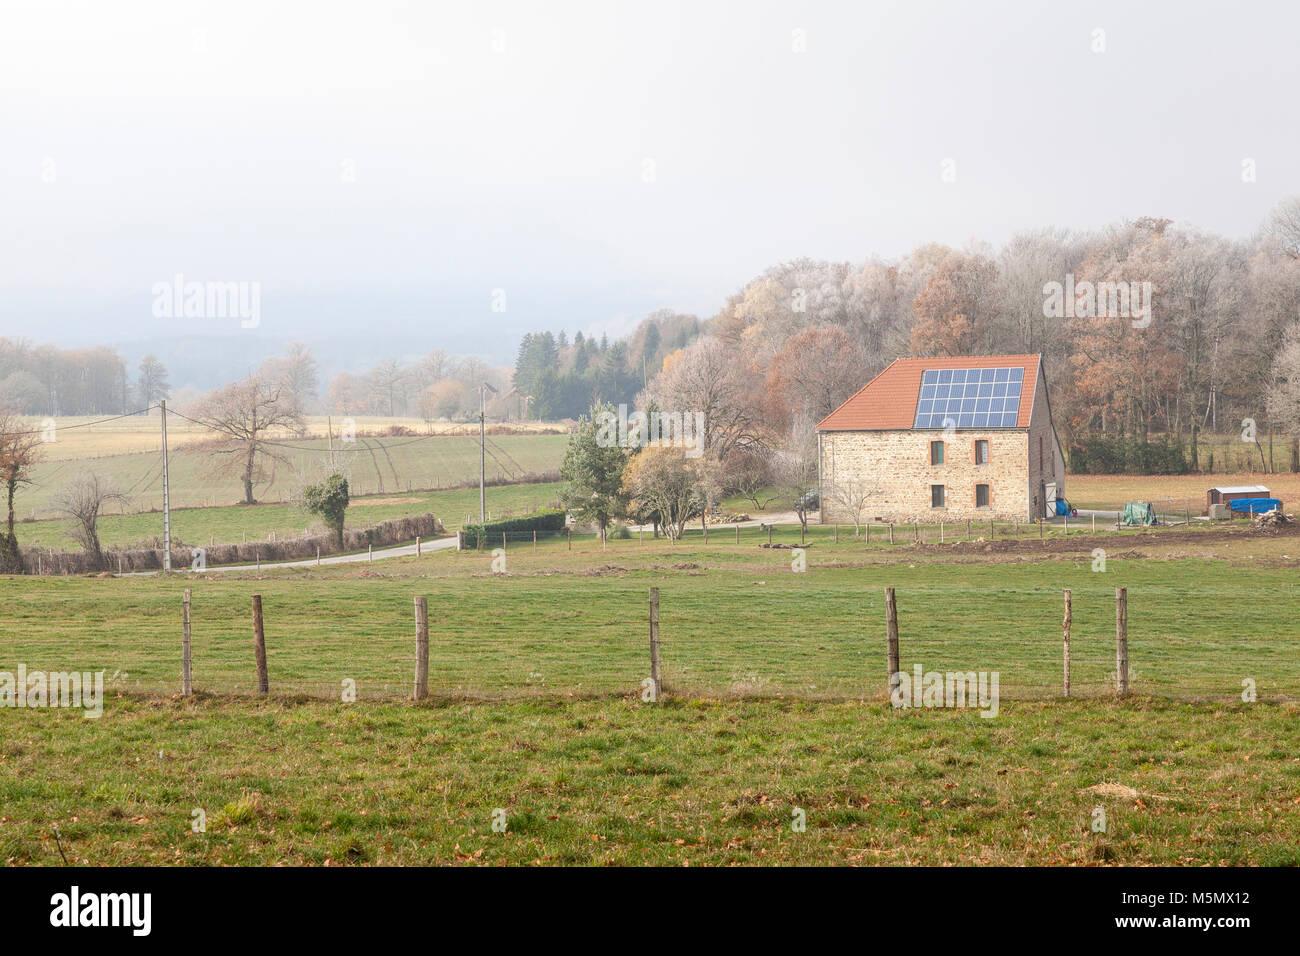 Bauernhaus mit Photovoltaik Solar Panels in einem eiskalten misty Winterlandschaft in der Creuse, Nouvelle-Aquitaine, Stockbild